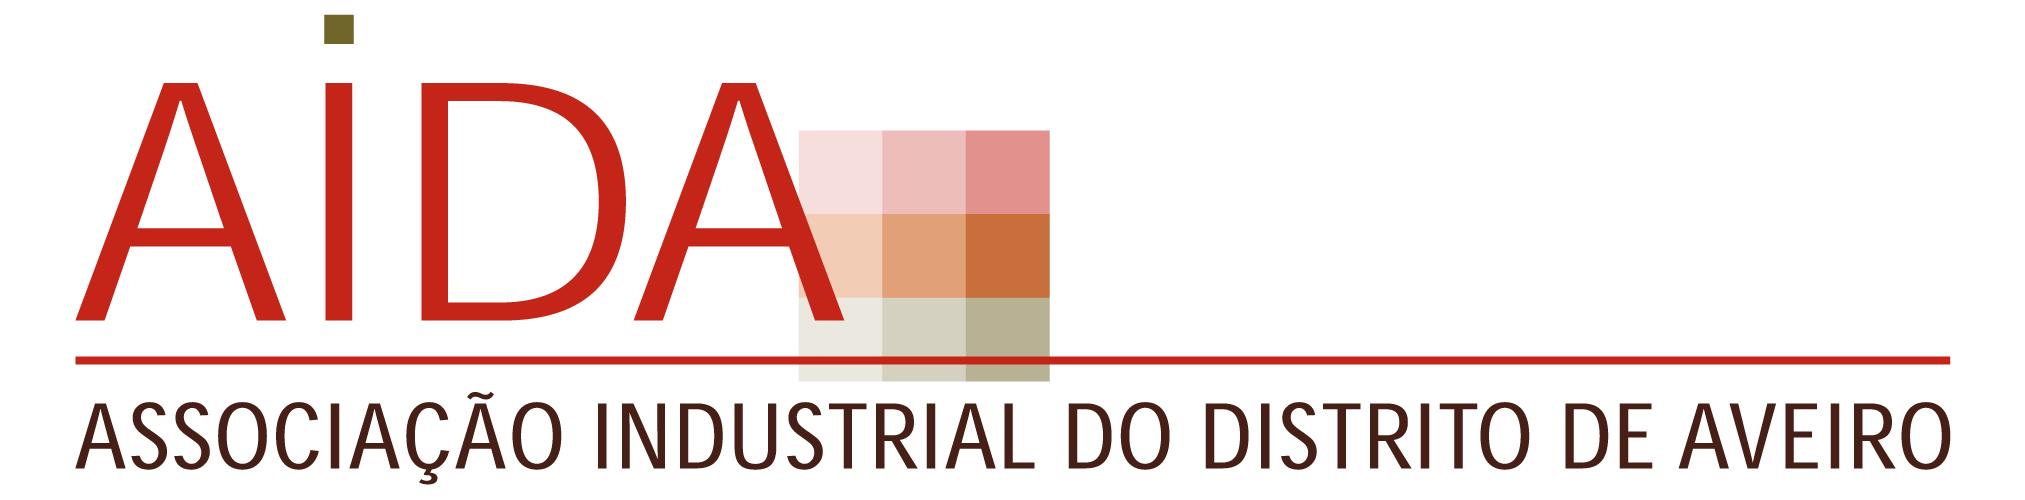 AIDA – Associação Industrial do Distrito de Aveiro